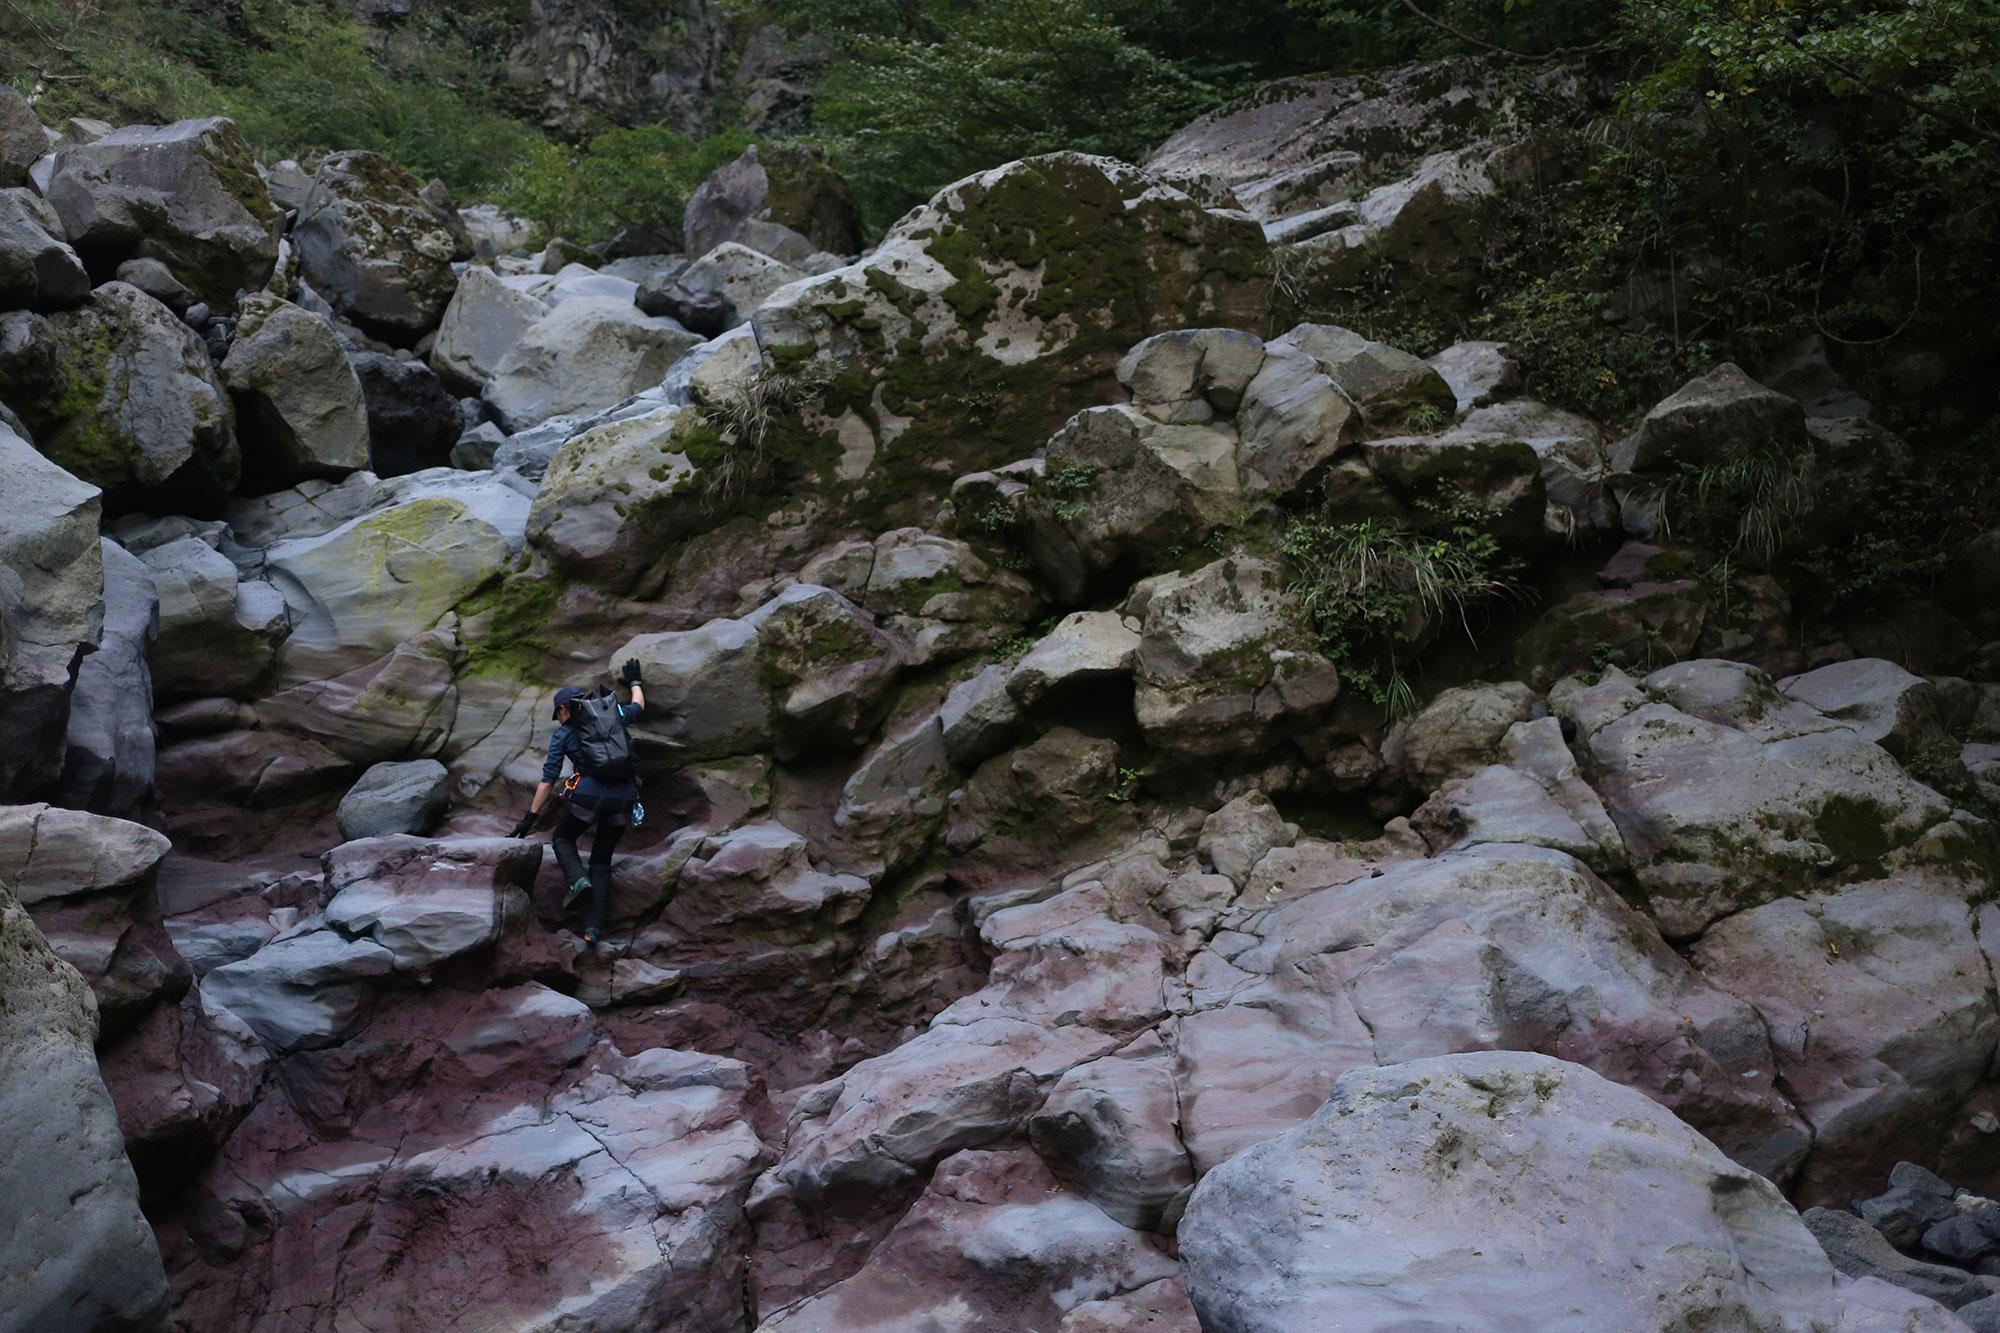 溶岩で形成された複雑な地形